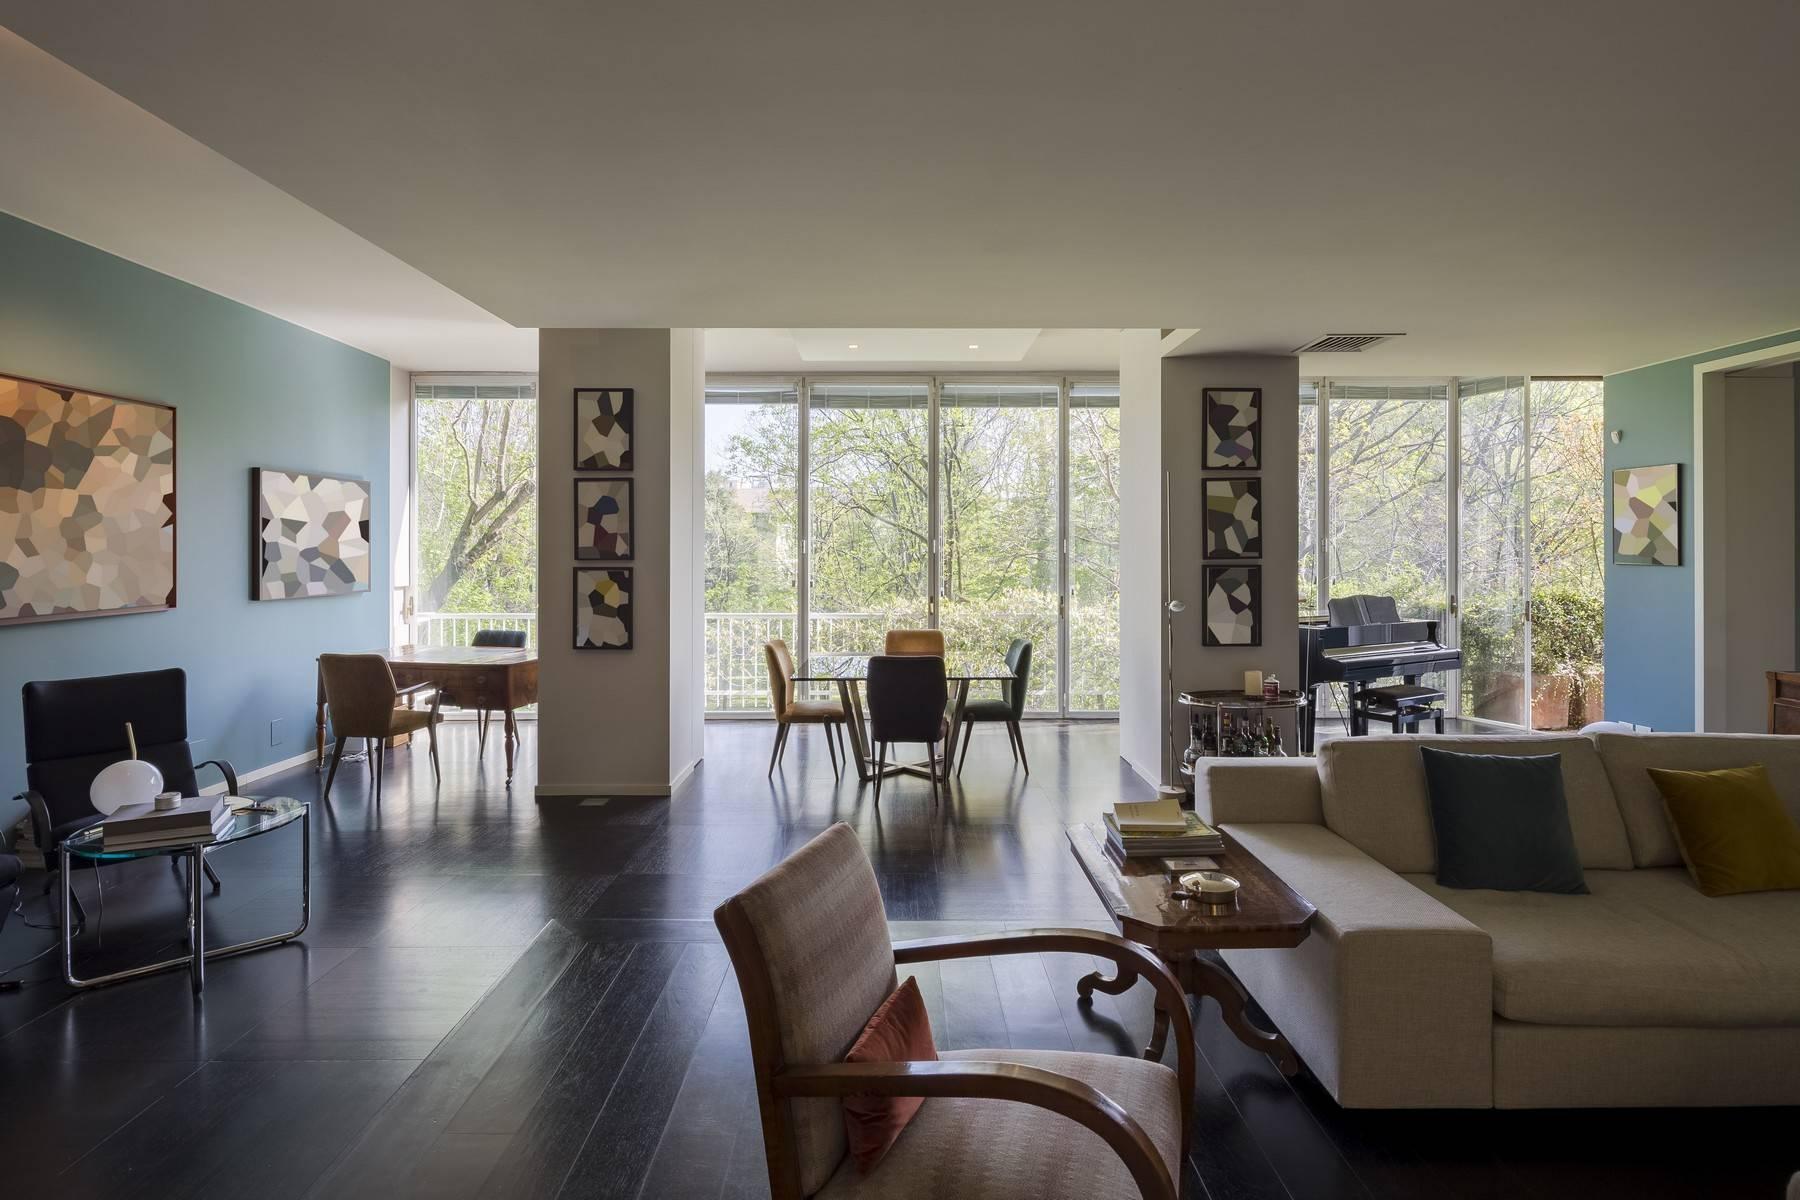 Magnifique appartement à louer d'environ 300 m² au coeur de Milan - 2